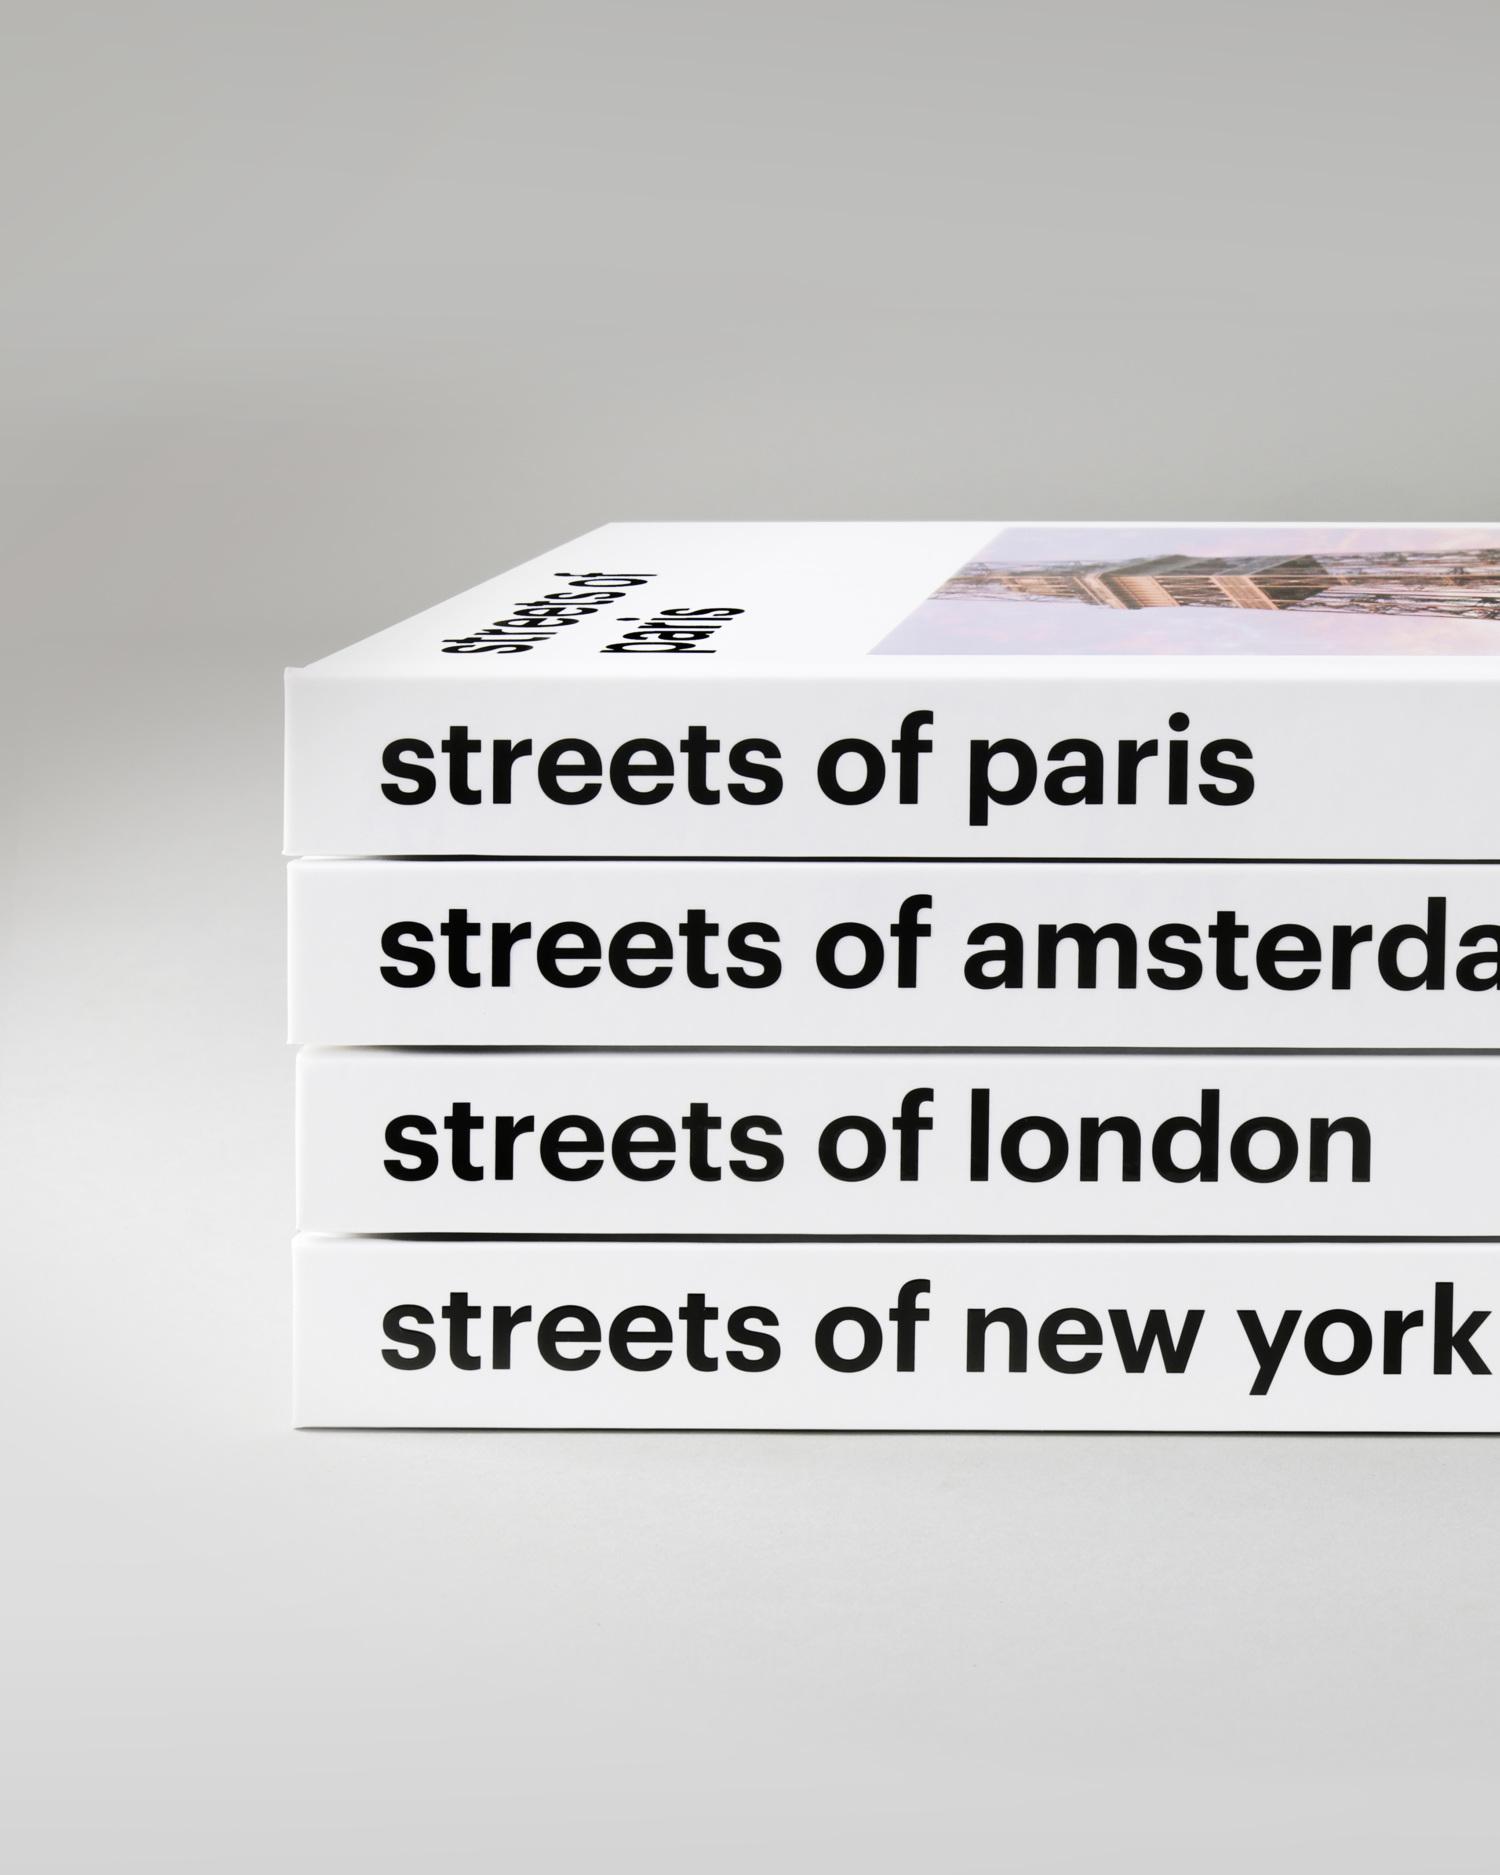 mendo-streets-of-combi-5_3-1500x1875-c-default (1).jpg